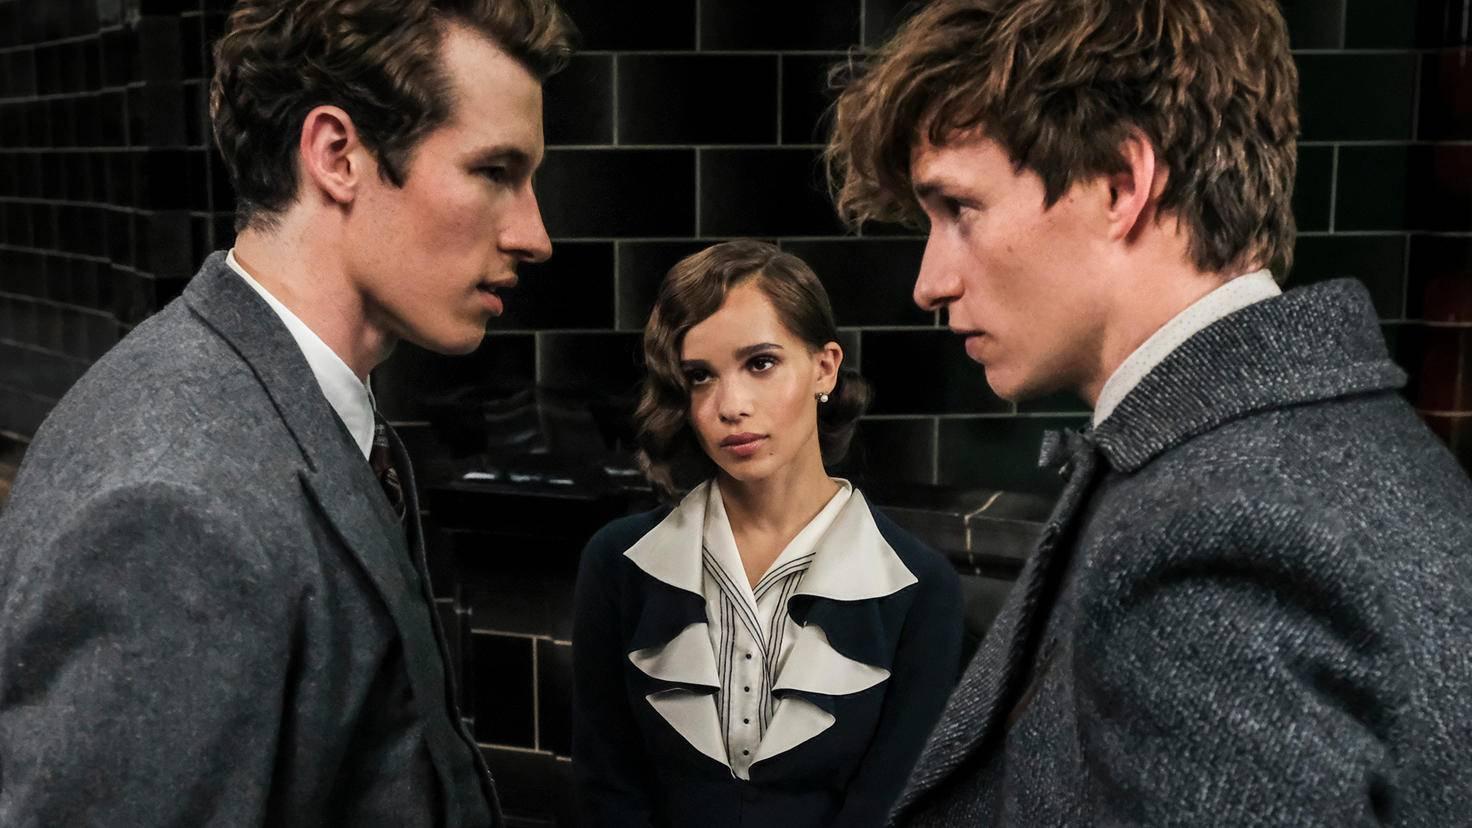 Lita Lestrange steht zwischen den Brüdern Newt und Theseus Scamander – im wörtlichen wie im übertragenden Sinne.